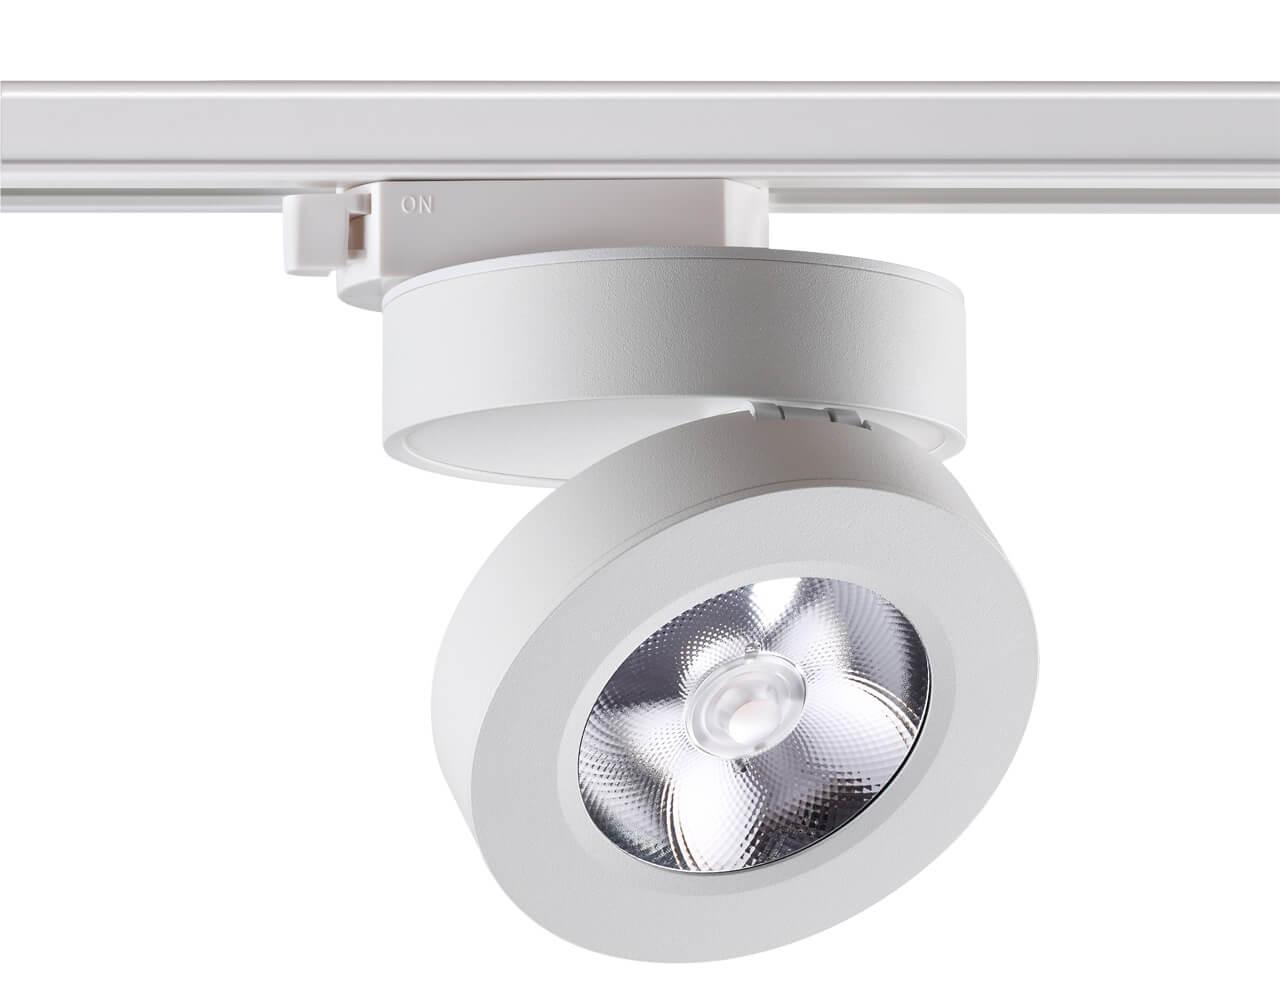 Трековый светильник Novotech 357986, LED, 12 Вт встраиваемый светодиодный светильник novotech groda 357983